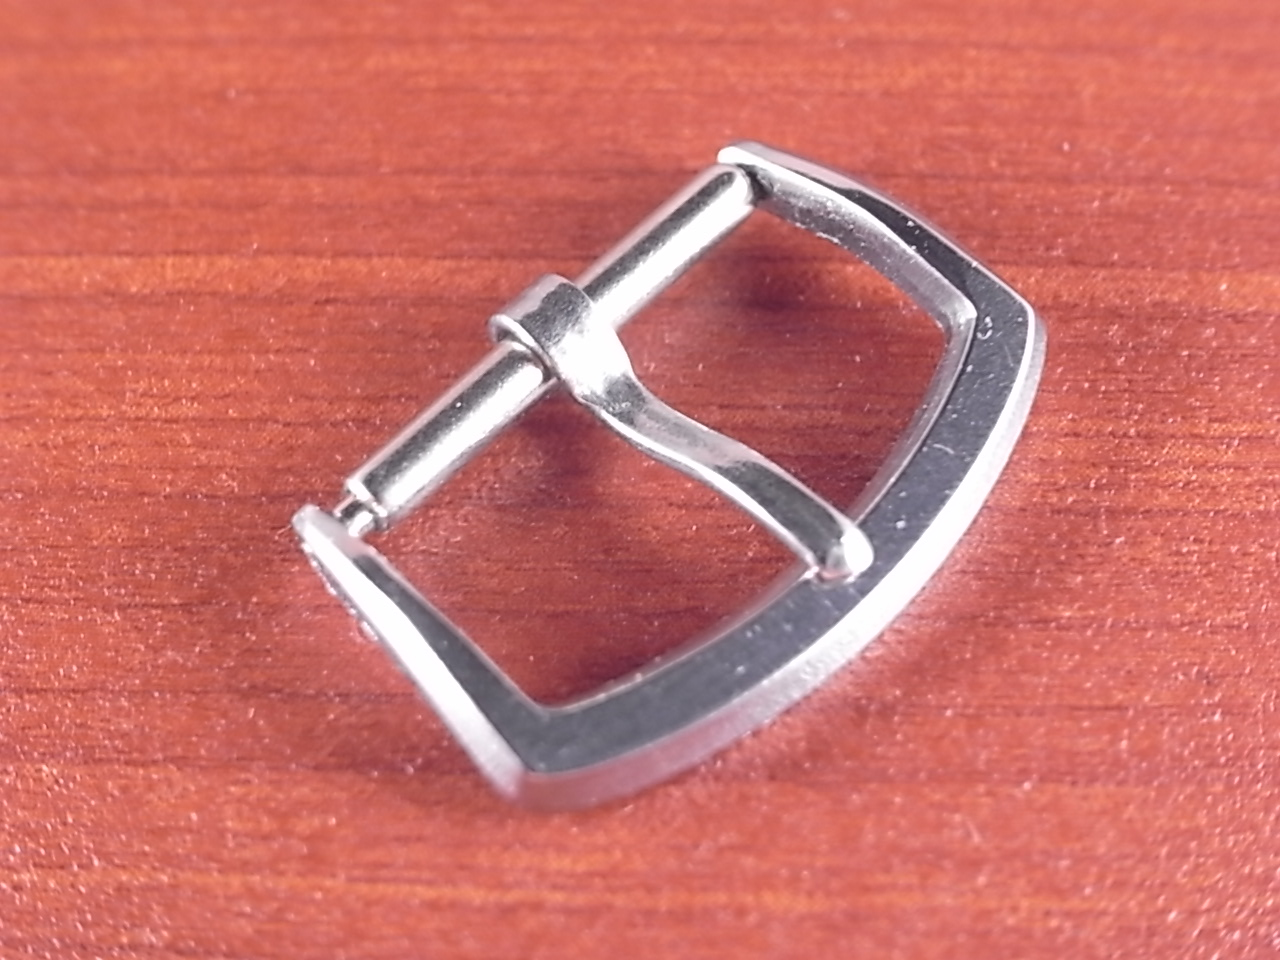 米軍用 SS尾錠 16mm N.O.S. 1940年代のメイン写真